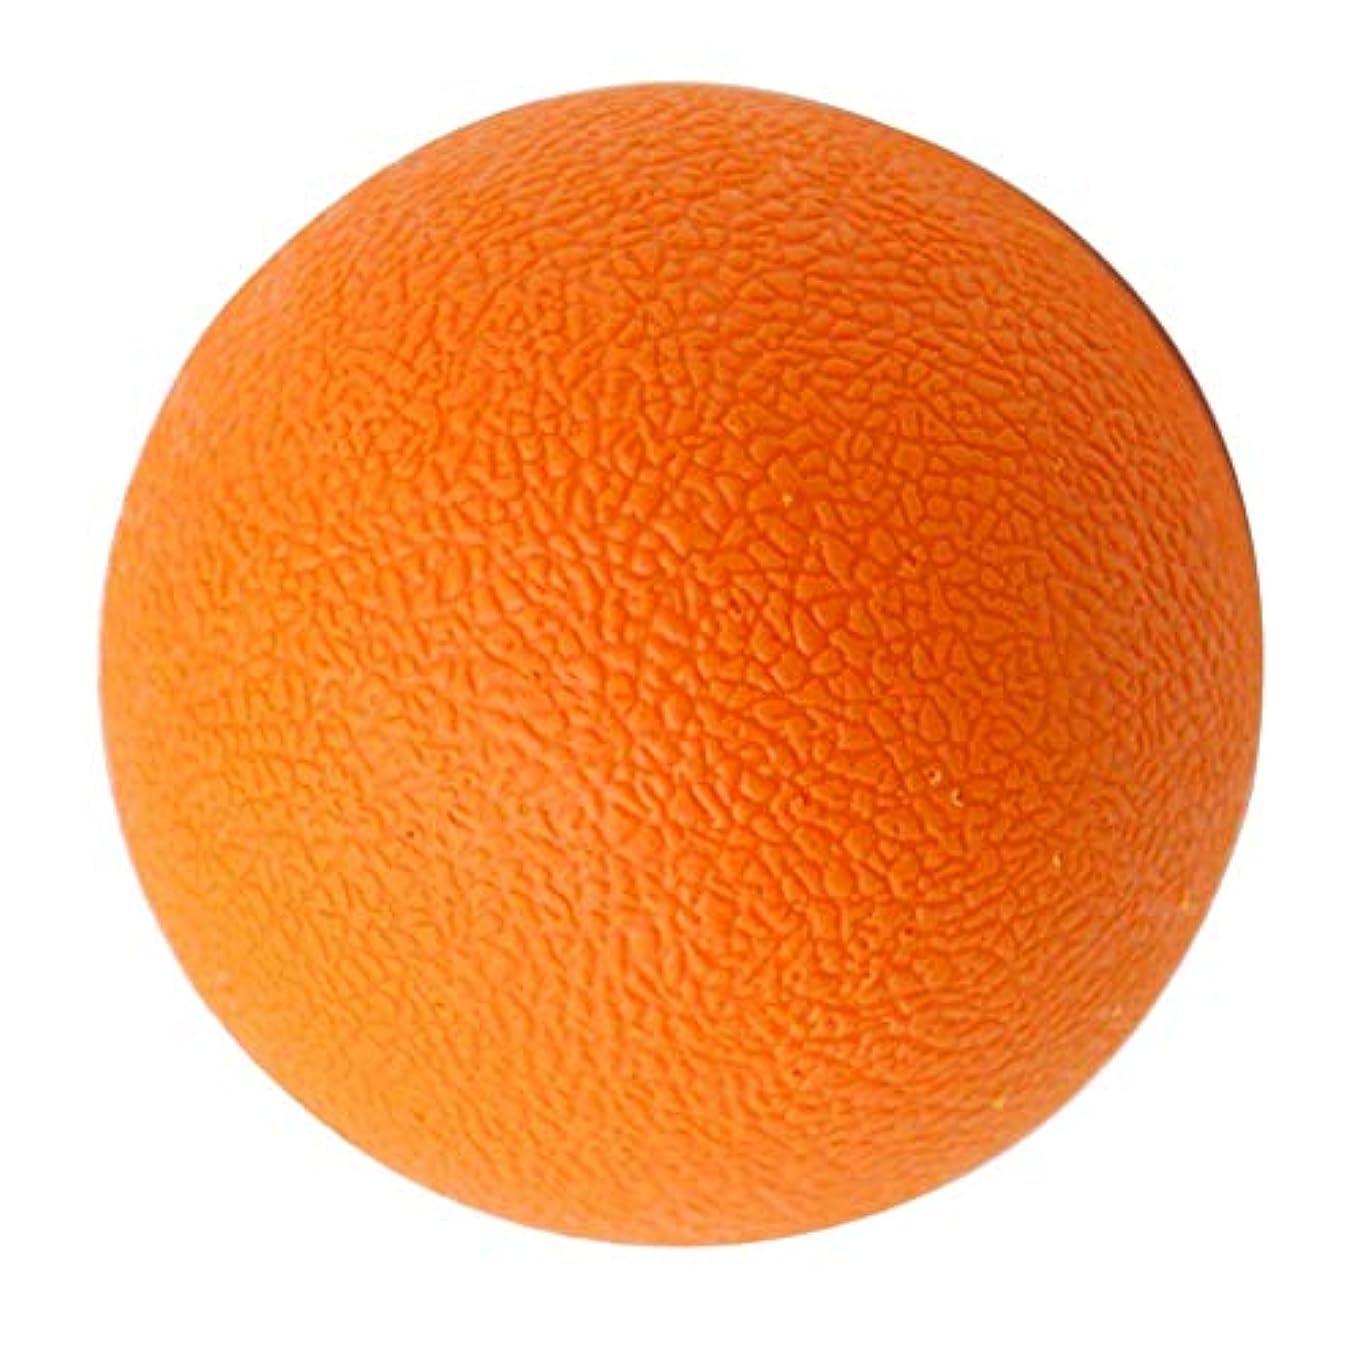 同僚統合急流CUTICATE ラクロスボール マッサージボール トリガーポイント 筋膜リリース 腕、首、背中 解消 オレンジ